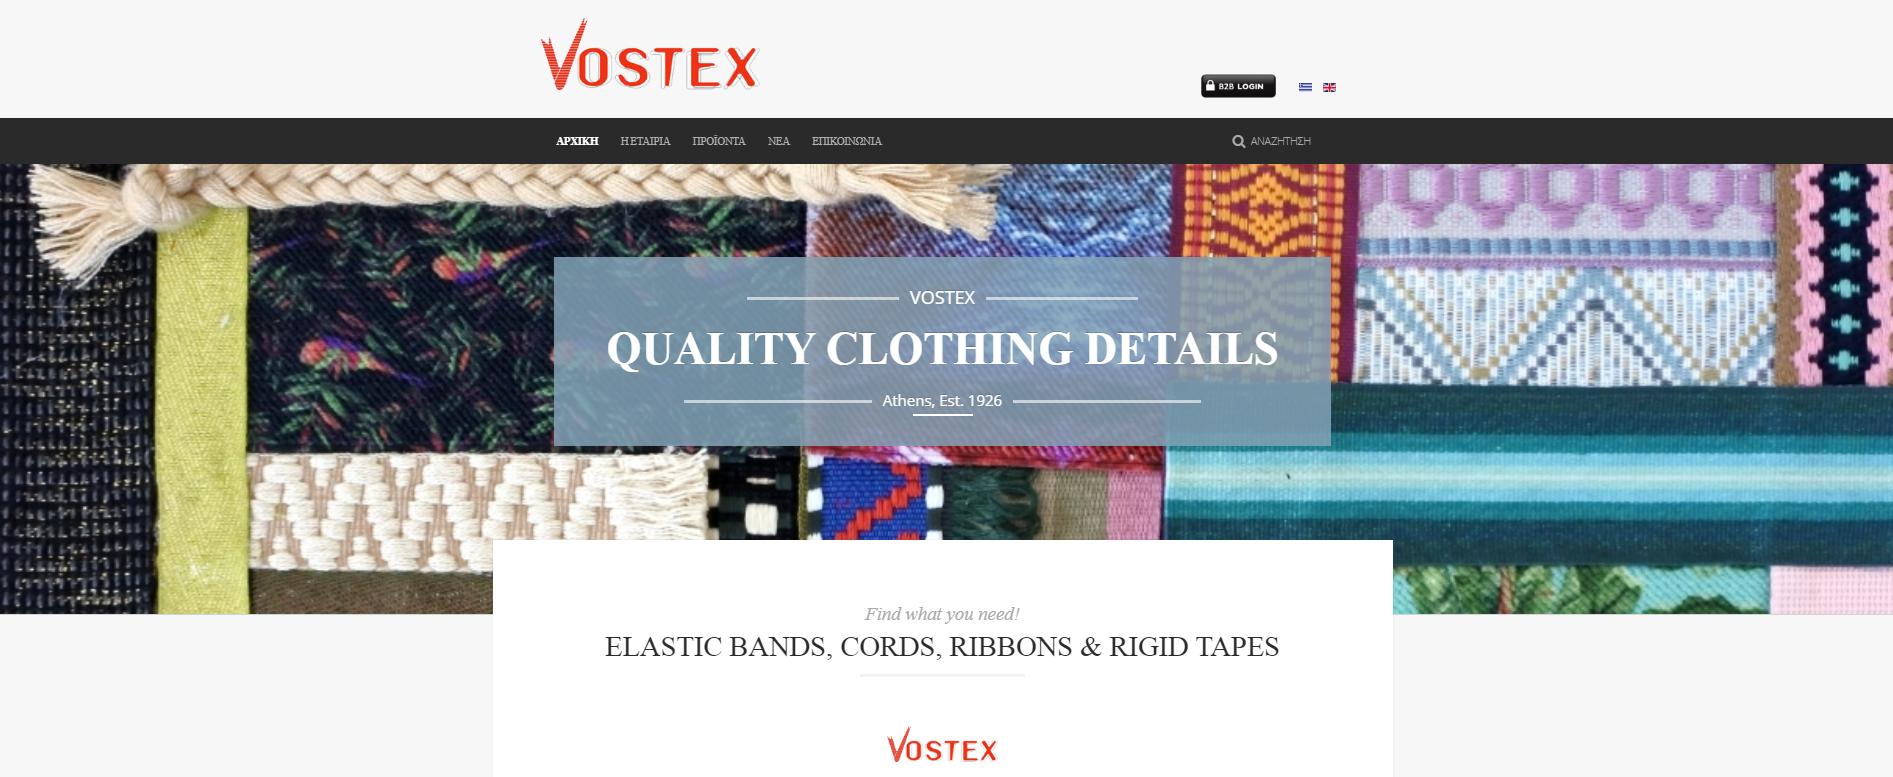 Vostex: Παραδοση Του Νεου Ηλεκτρονικου Καταστηματος